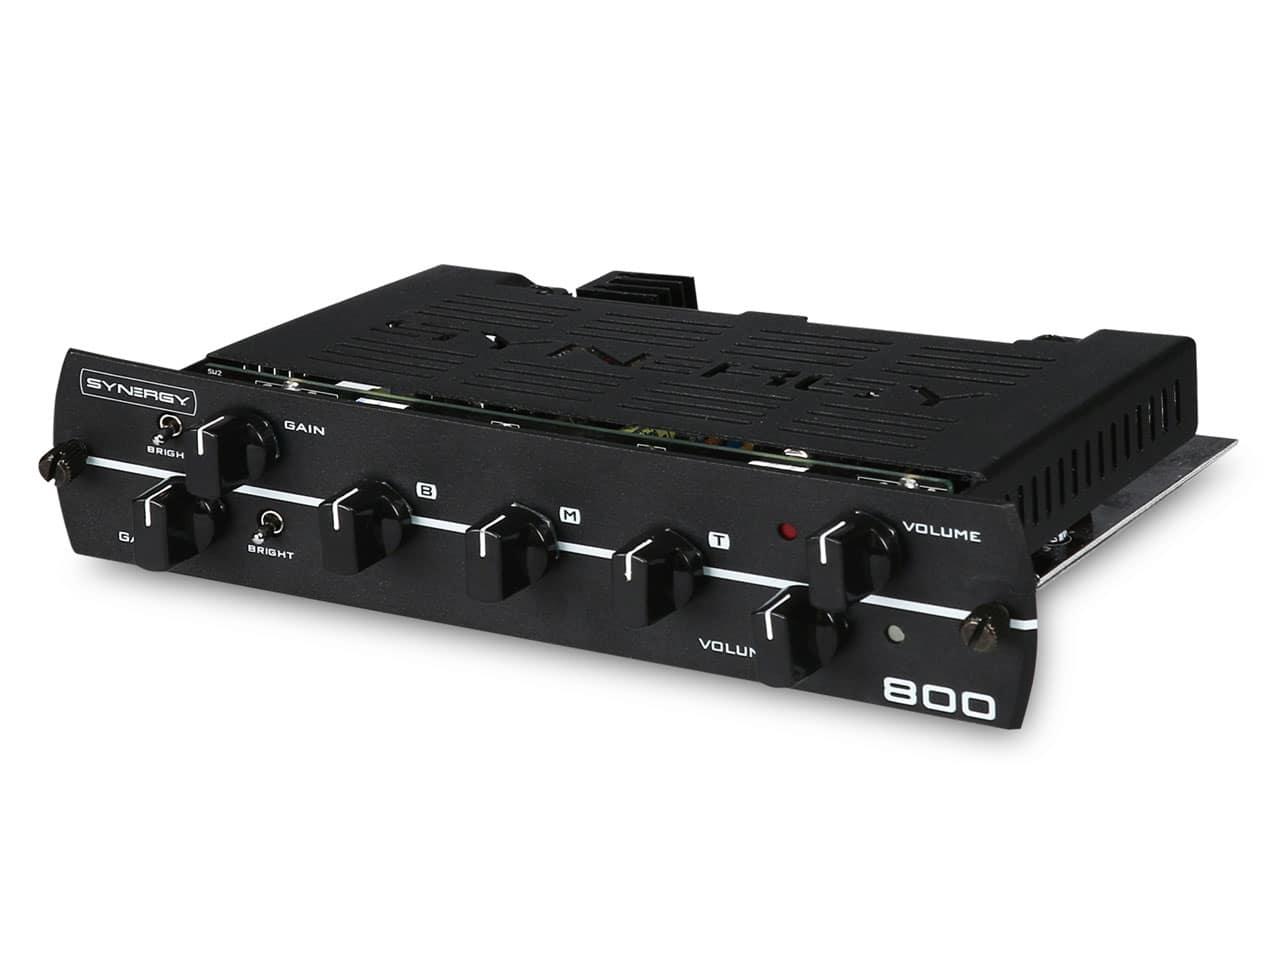 SYNERGY-800 module